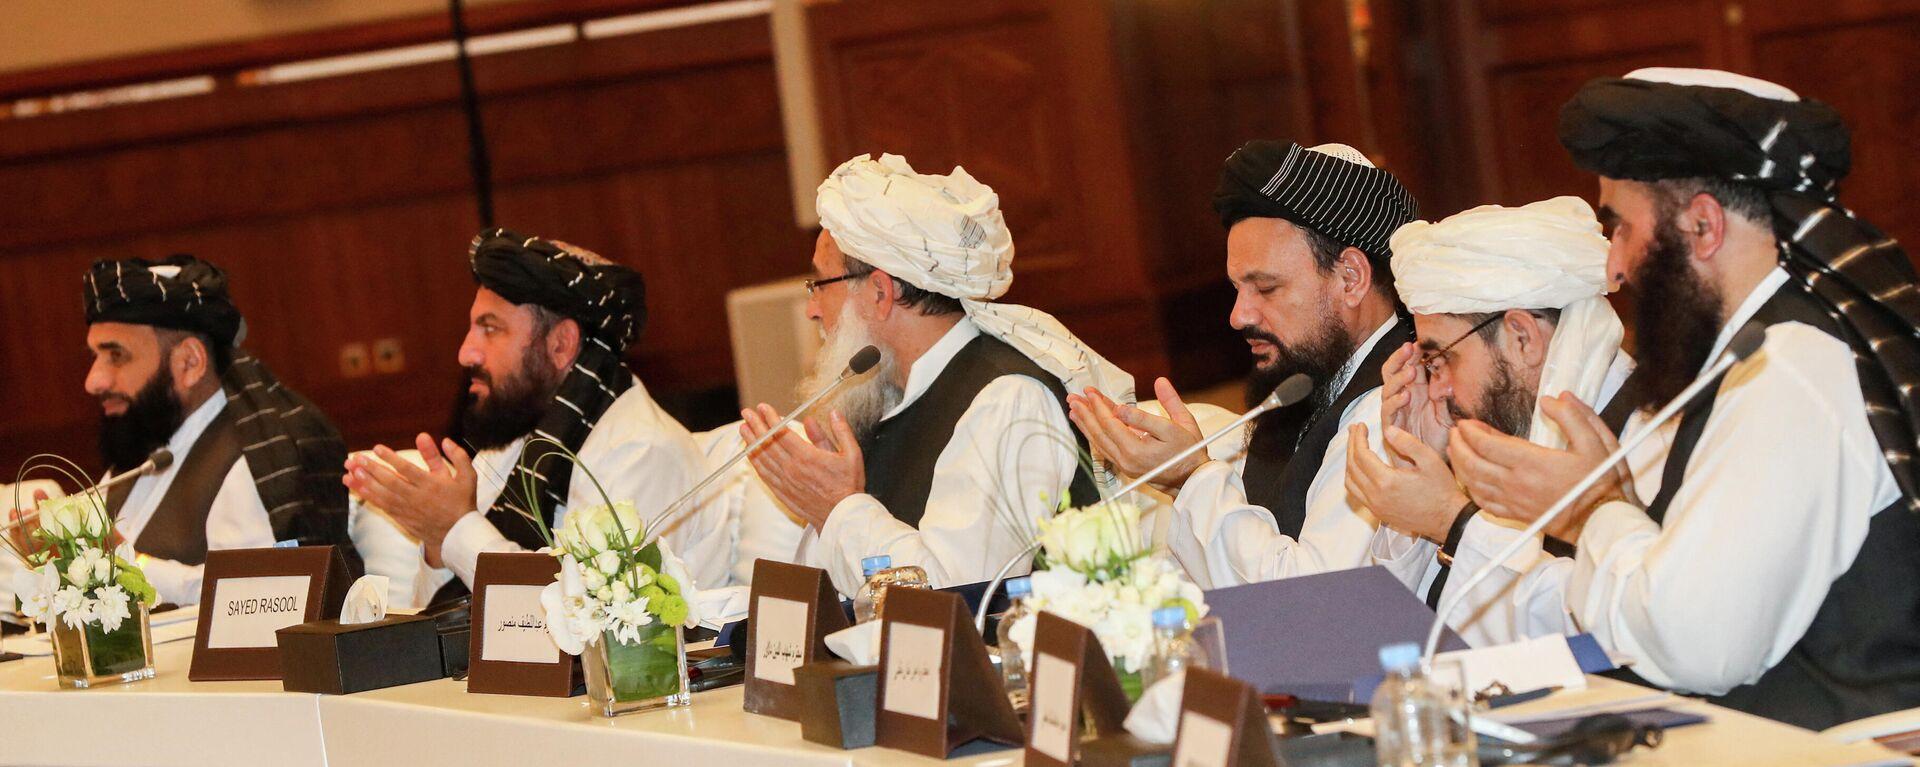 Члены движения Талибан присутствующие на втором дне переговоров внутриафганского диалога - Sputnik Грузия, 1920, 21.09.2021